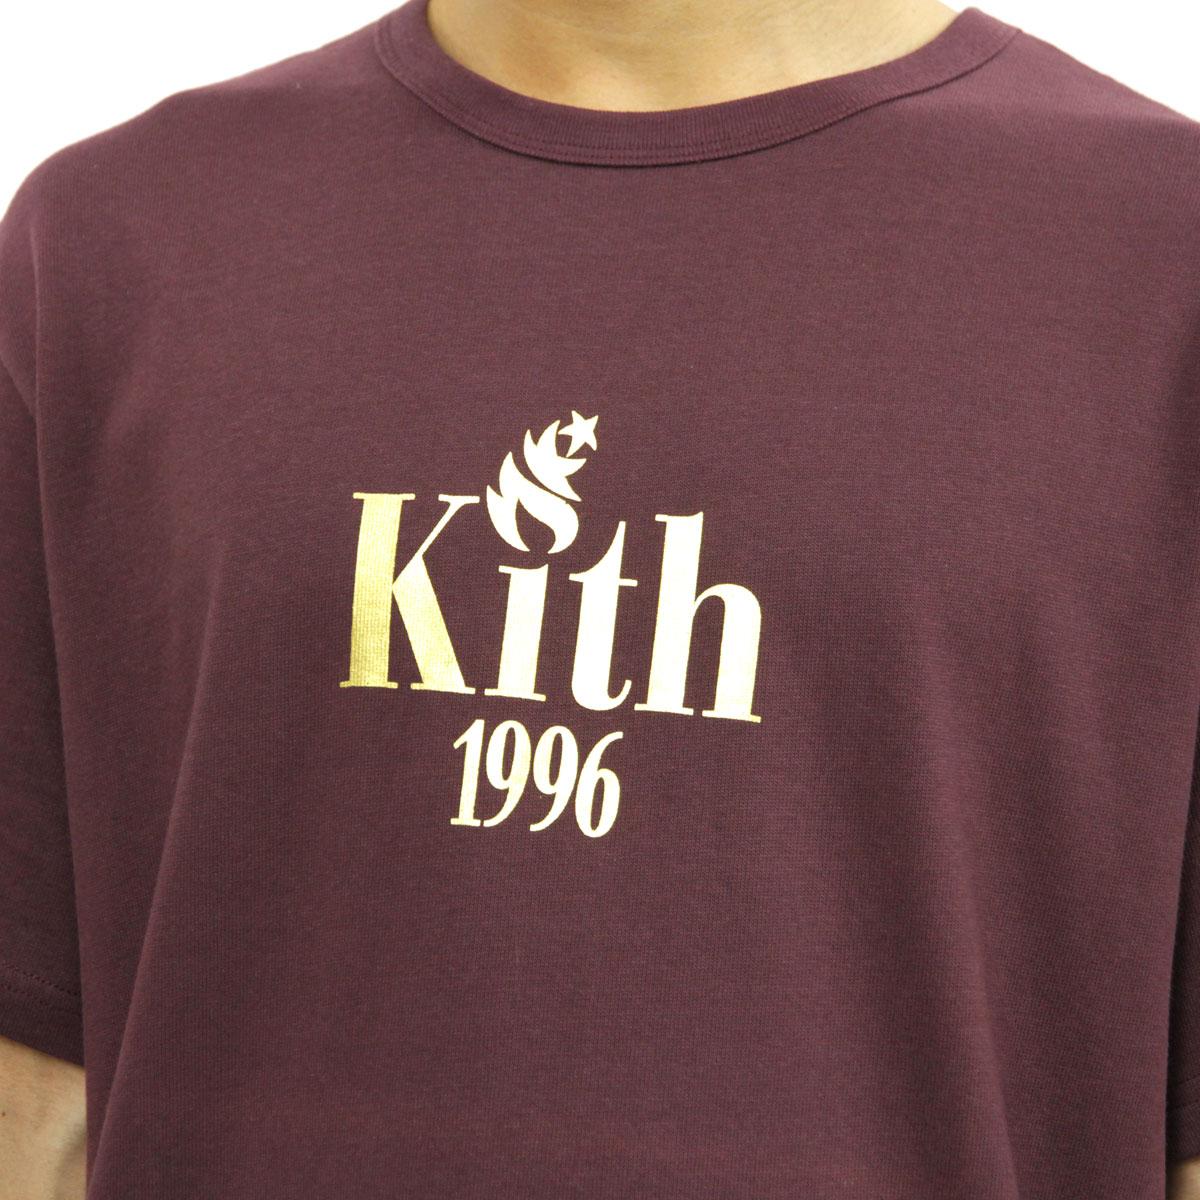 キス KITH 正規品 メンズ 半袖Tシャツ KITH 1996 TEE BURGUNDY KH3083-105